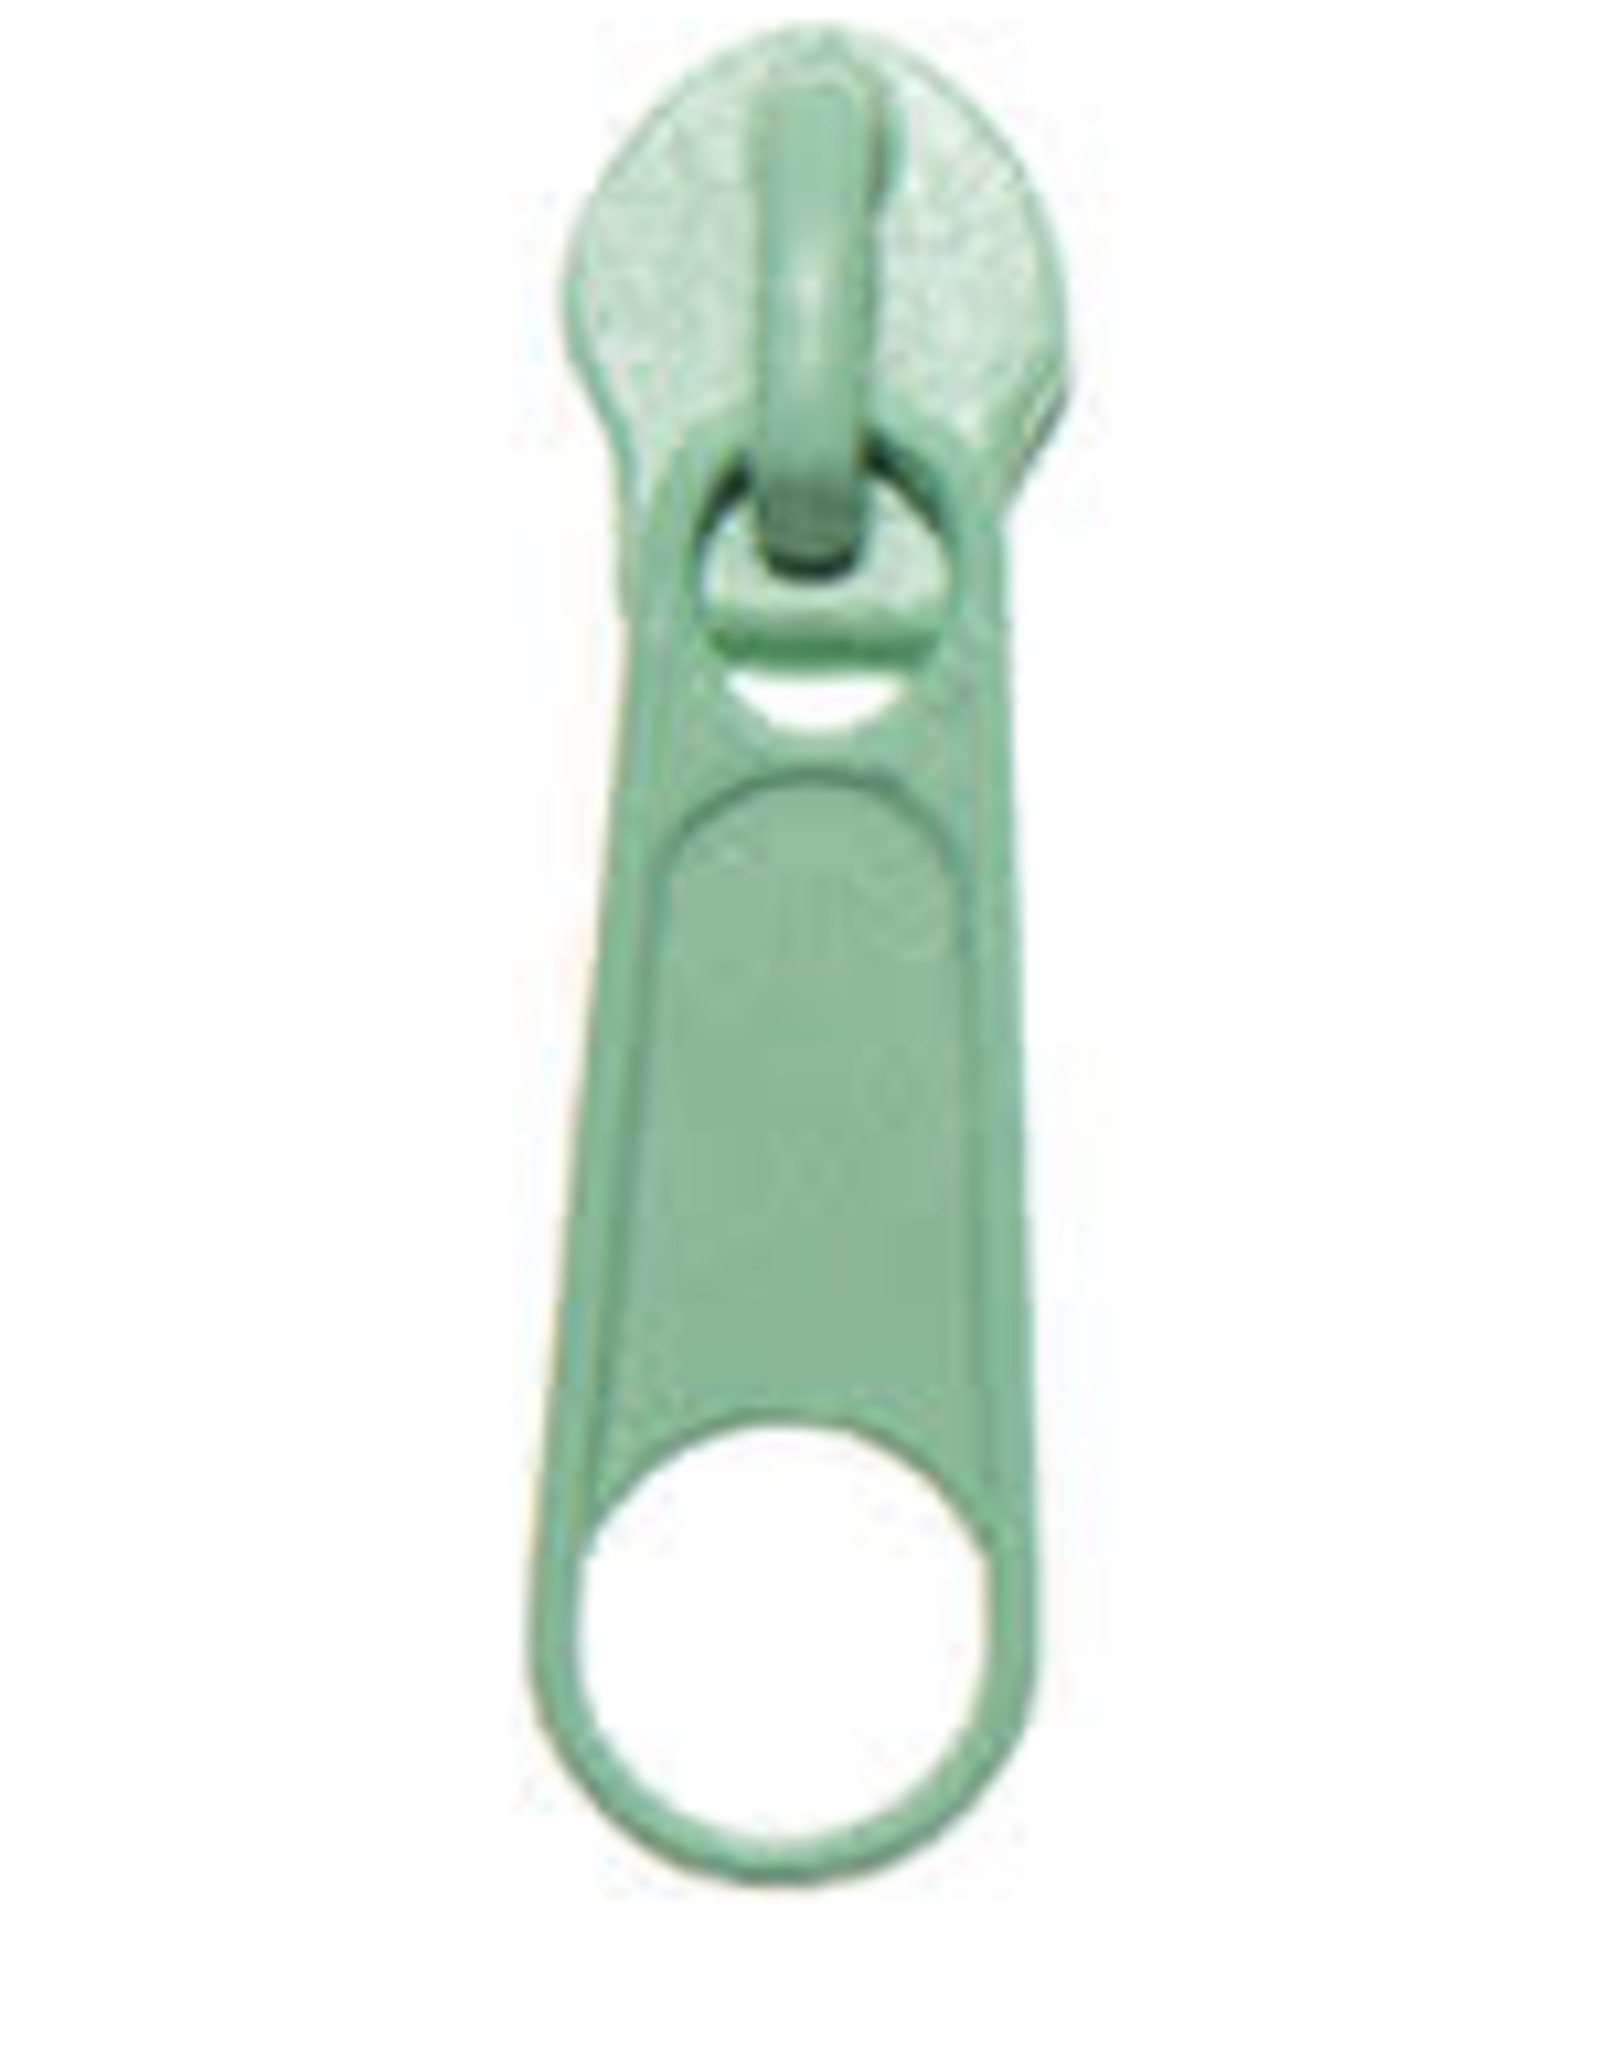 Ritstrekker - Mint - Size 5